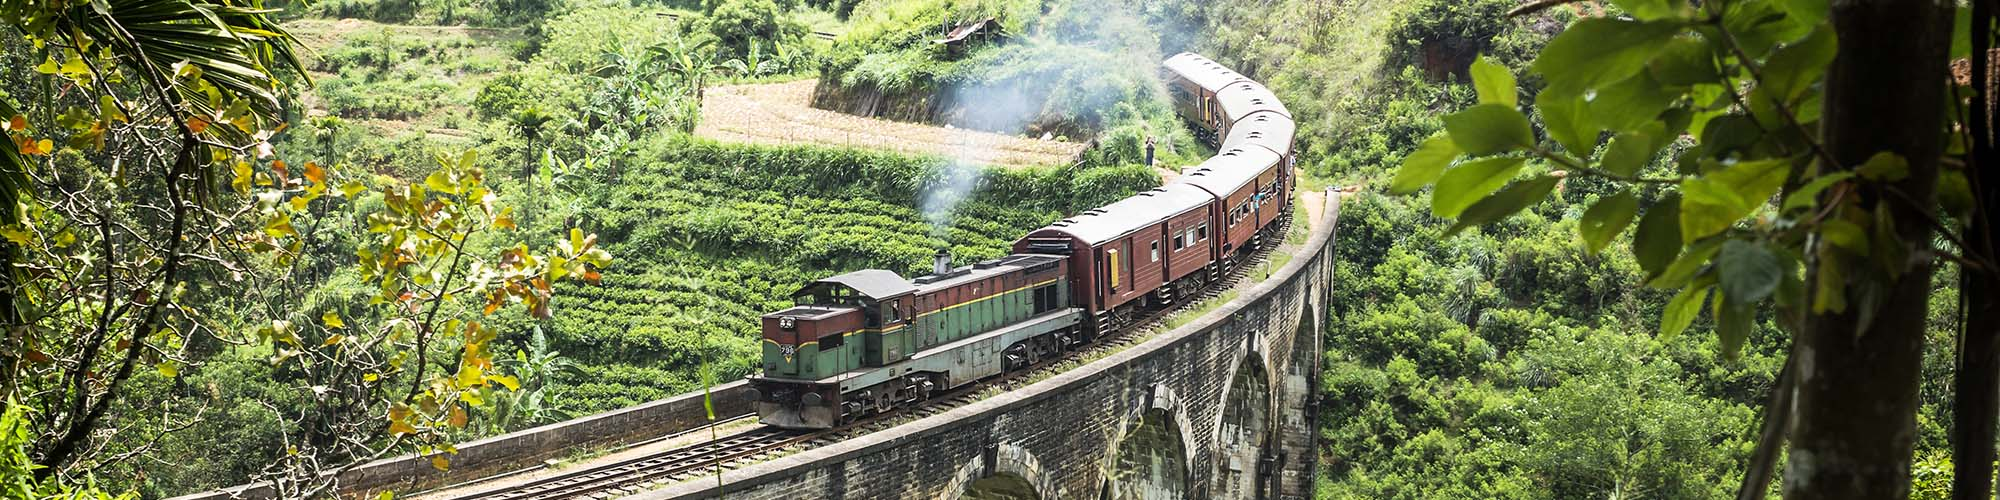 Fortbewegungsmöglichkeiten in Sri Lanka